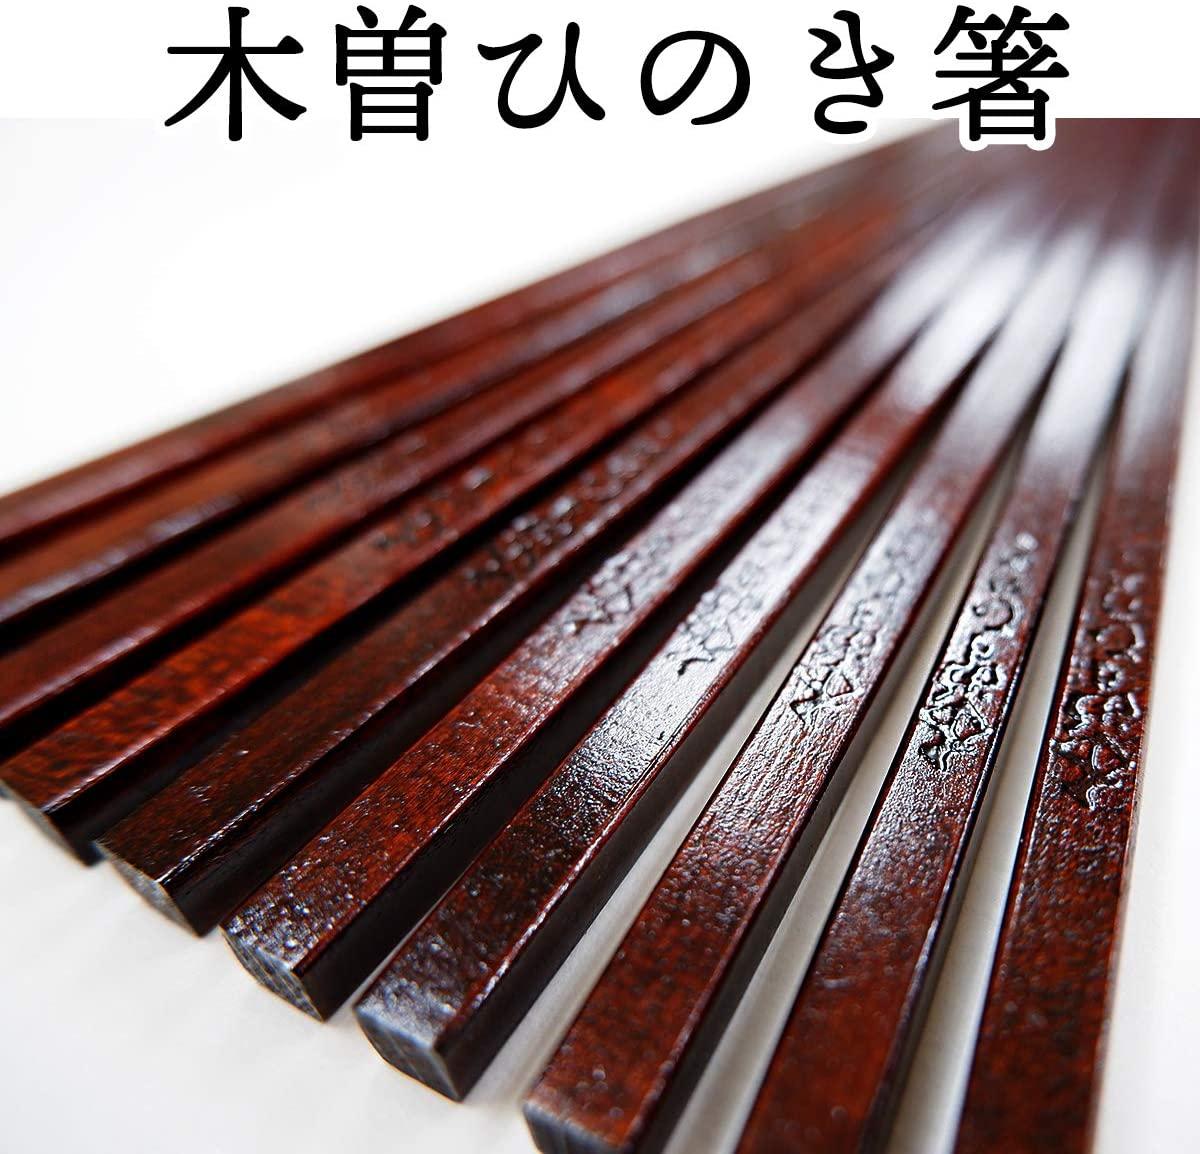 はりま屋(ハリマヤ) 木曽ひのき箸 5膳セット 22.0cmの商品画像6